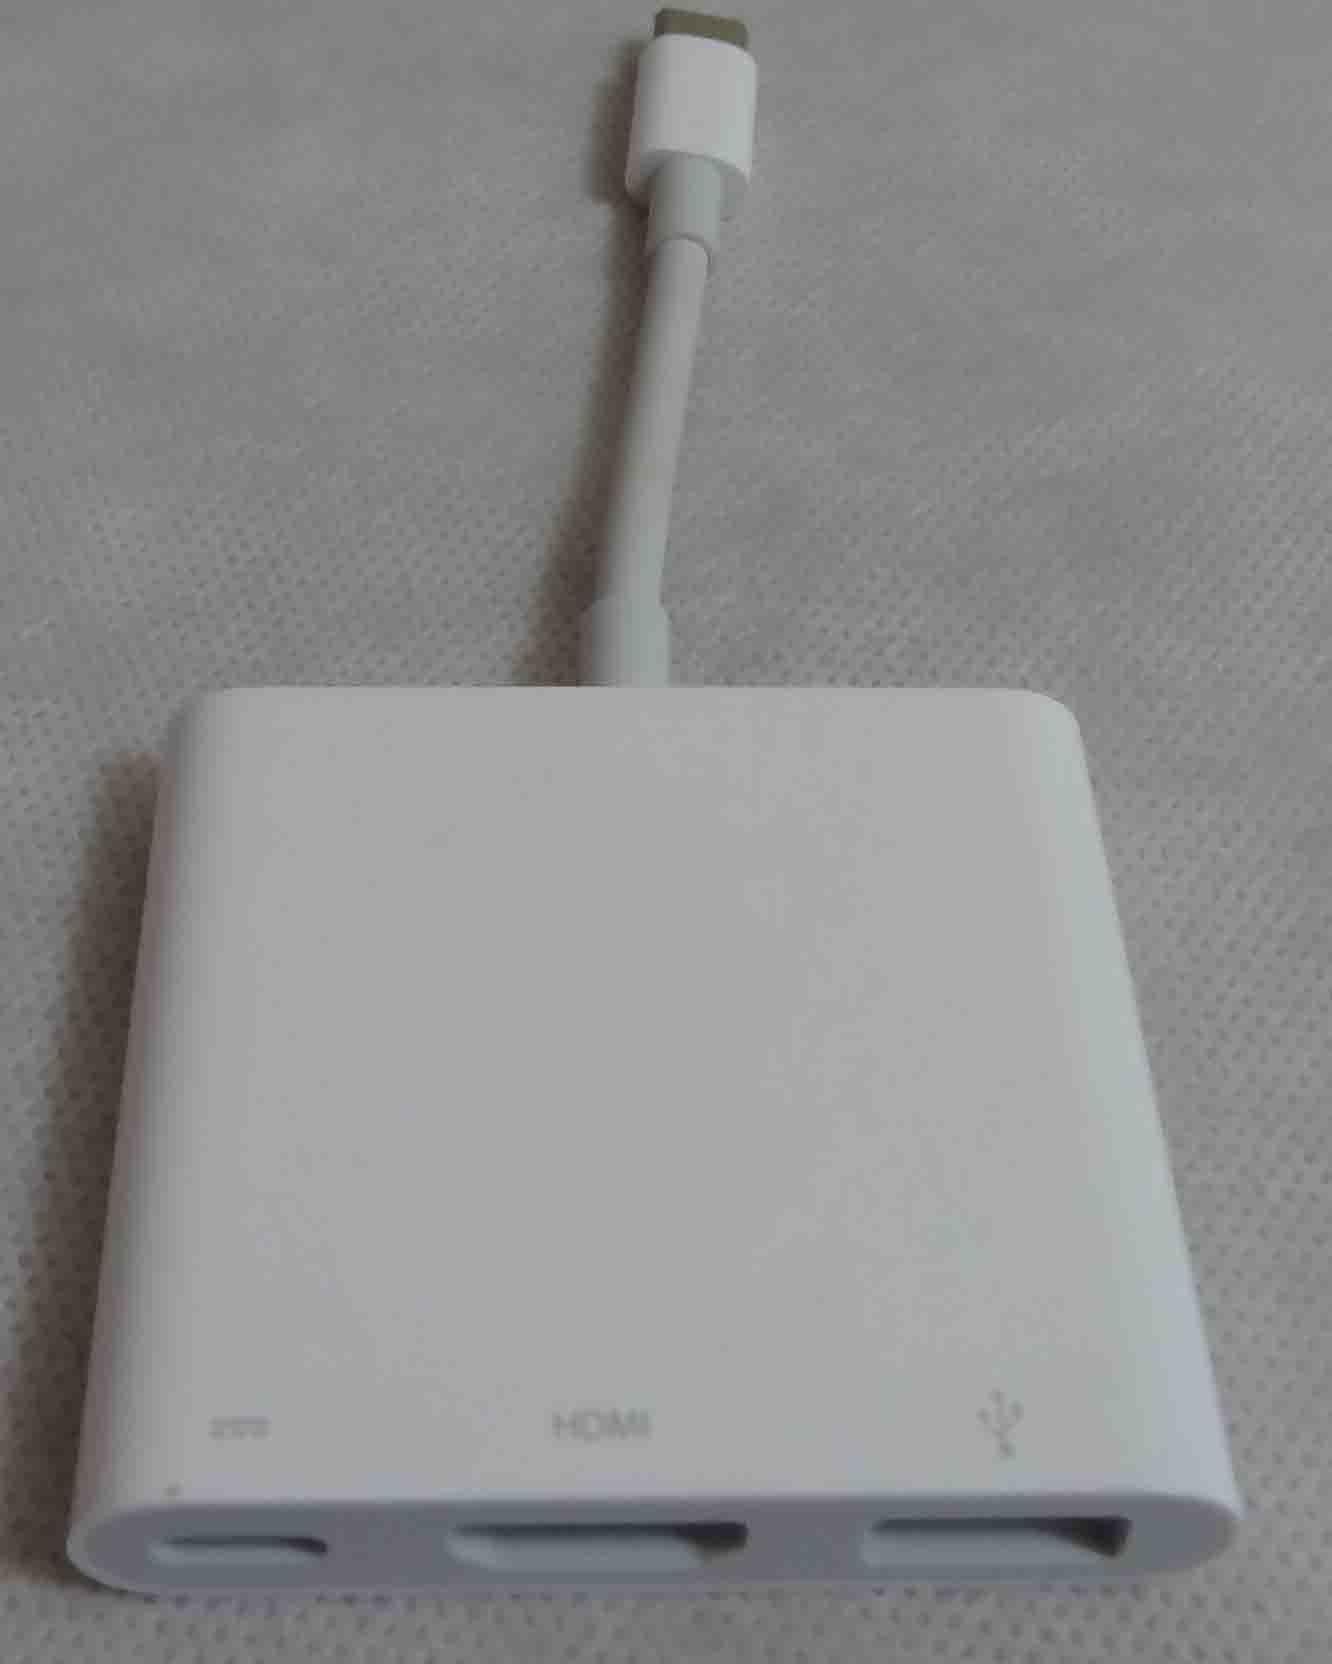 Adaptador Usb-c Digital AV Multiport A1621 MJ1K2AM